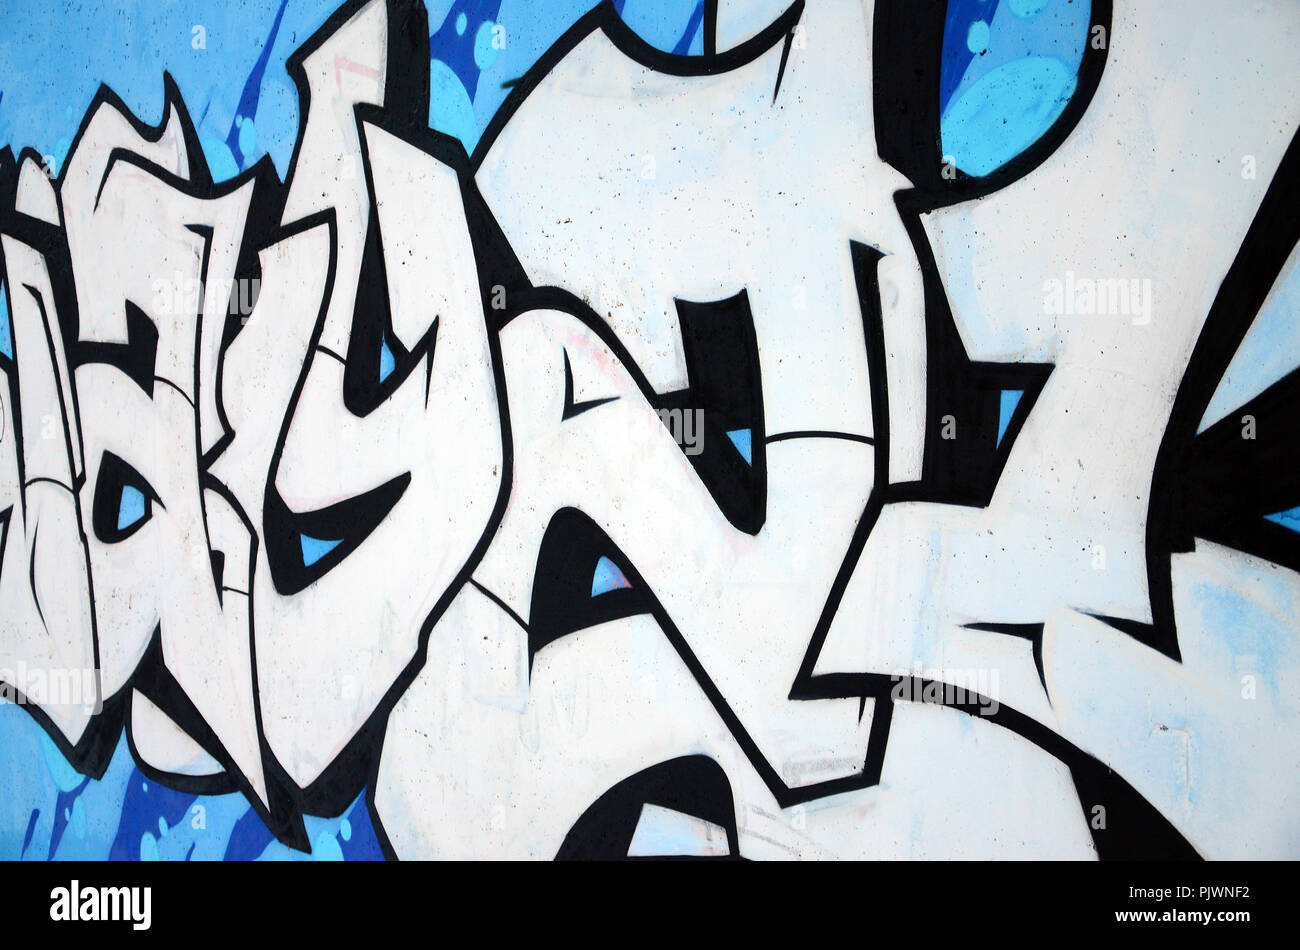 Die Alte Mauer In Farbe Graffiti Zeichnen Mit Aerosol Farben Gemalt